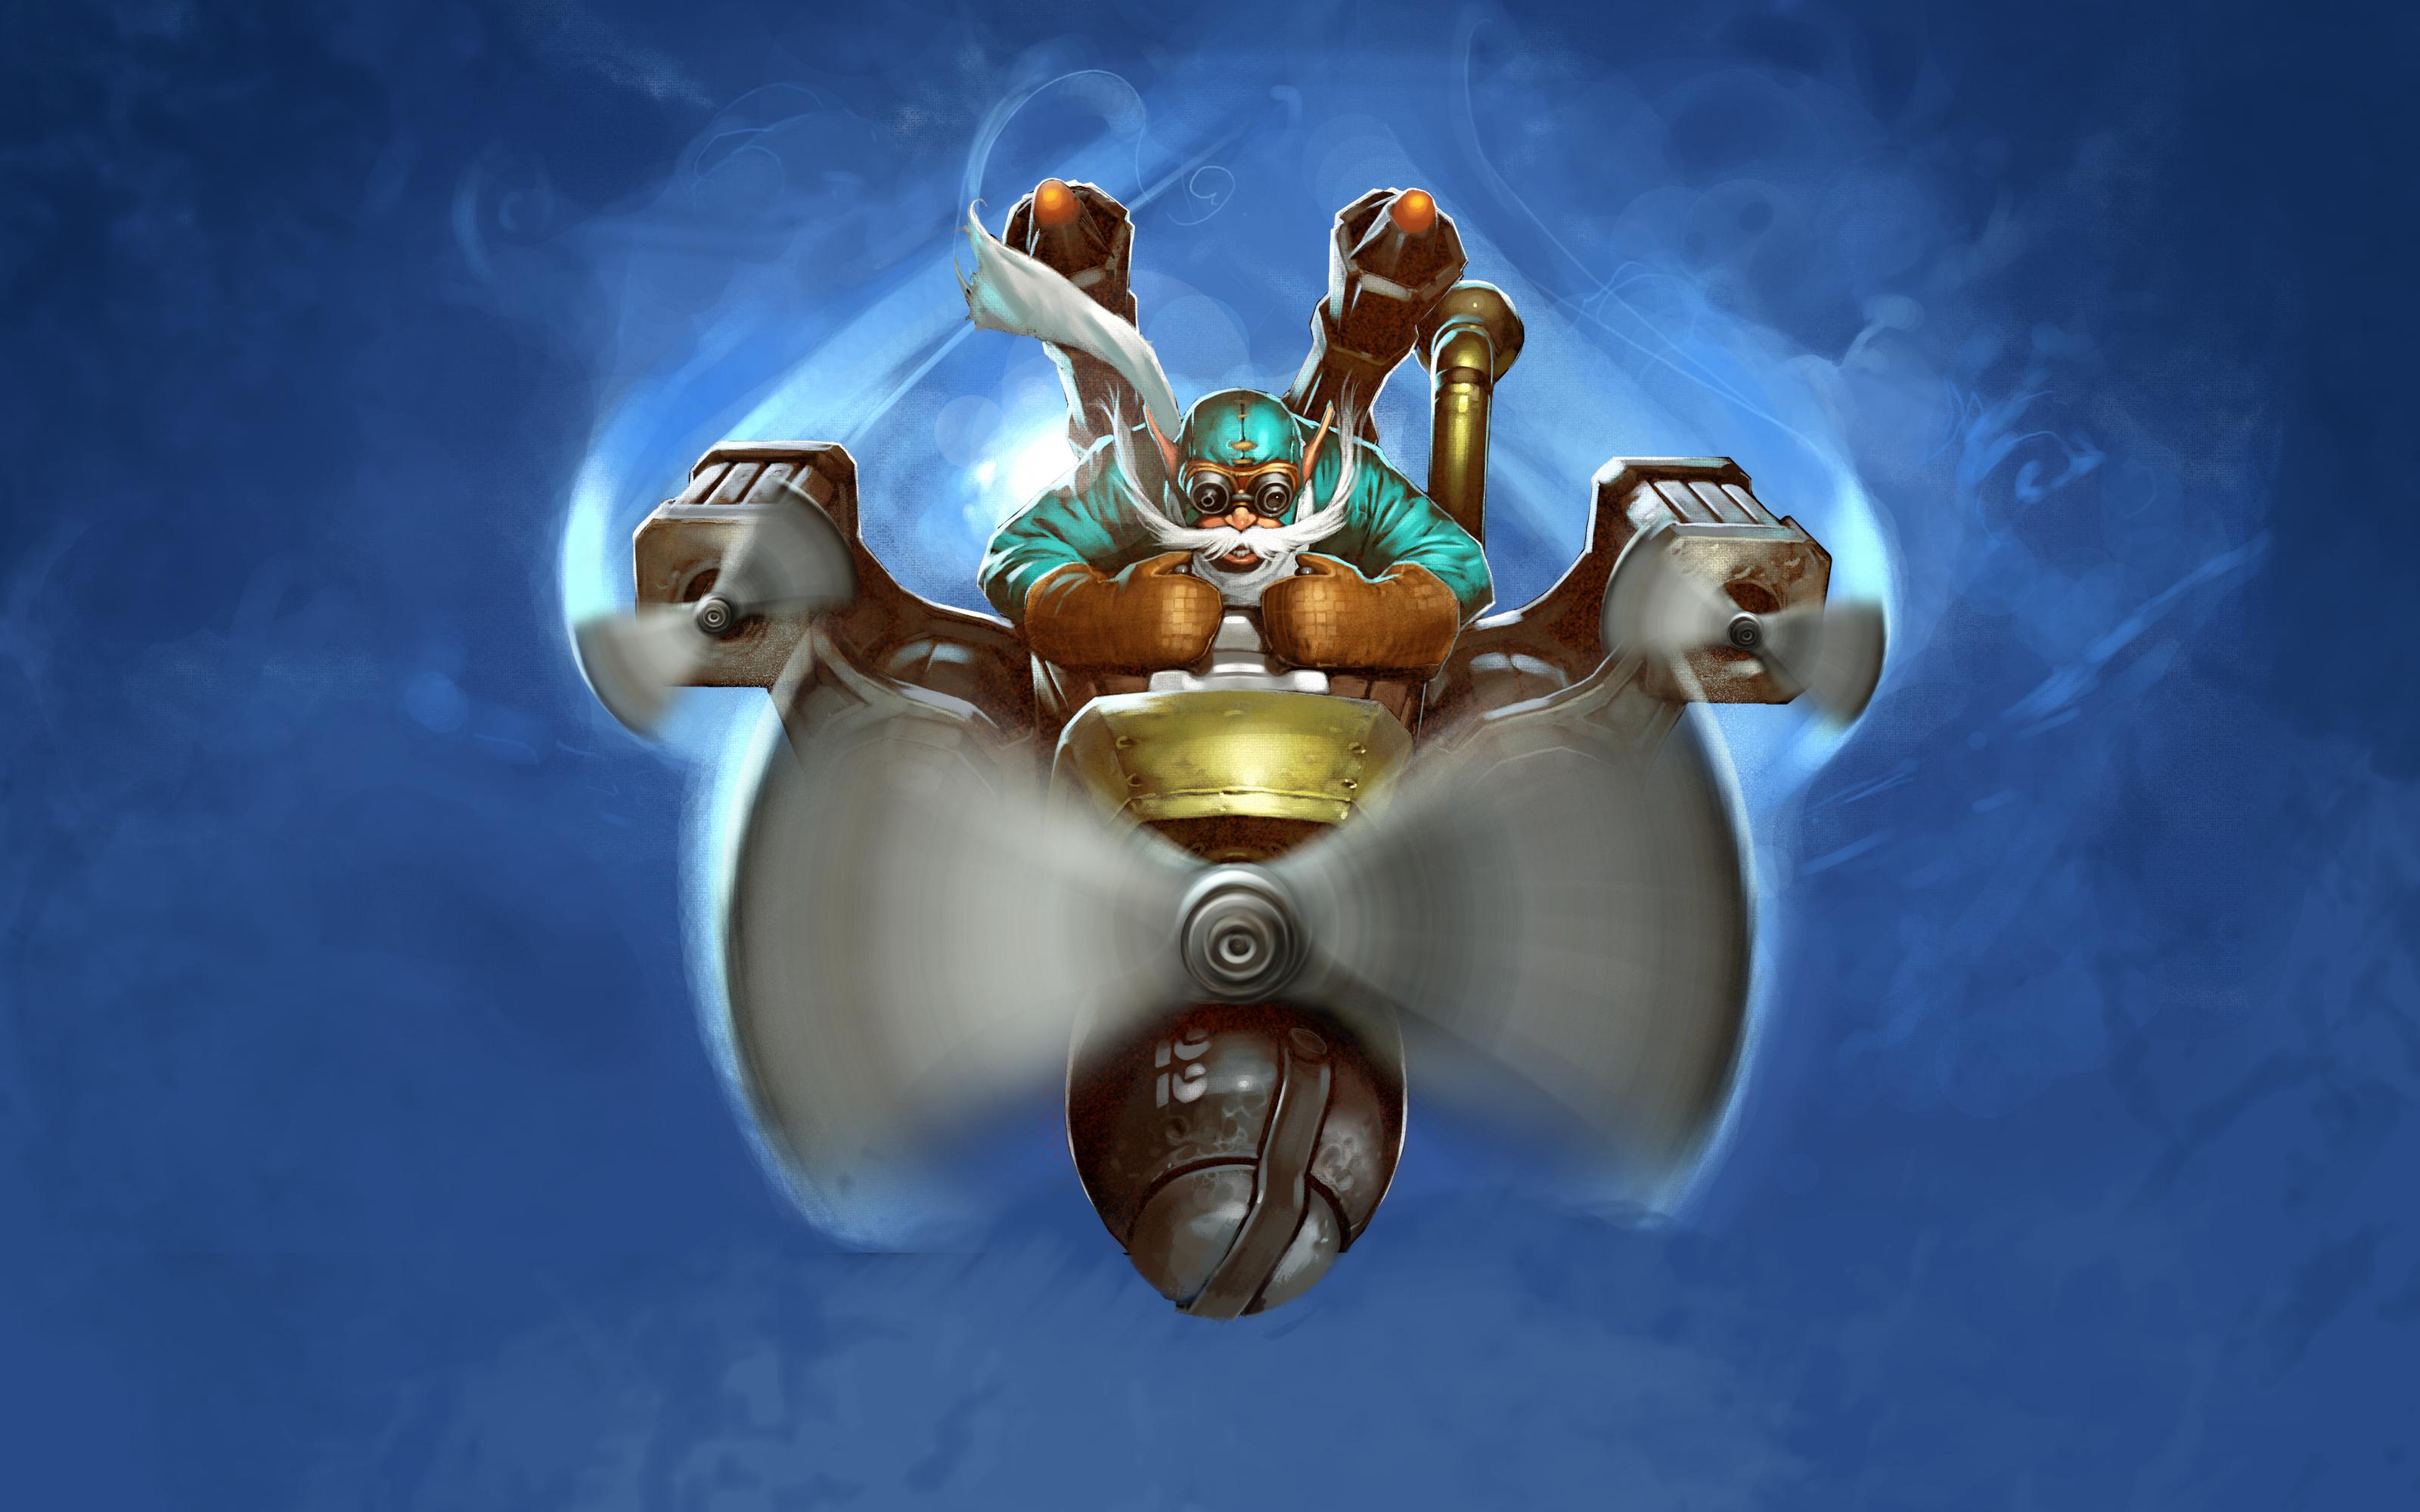 Loạt ảnh nguyên họa của các hero trong DotA 2 - Ảnh 22